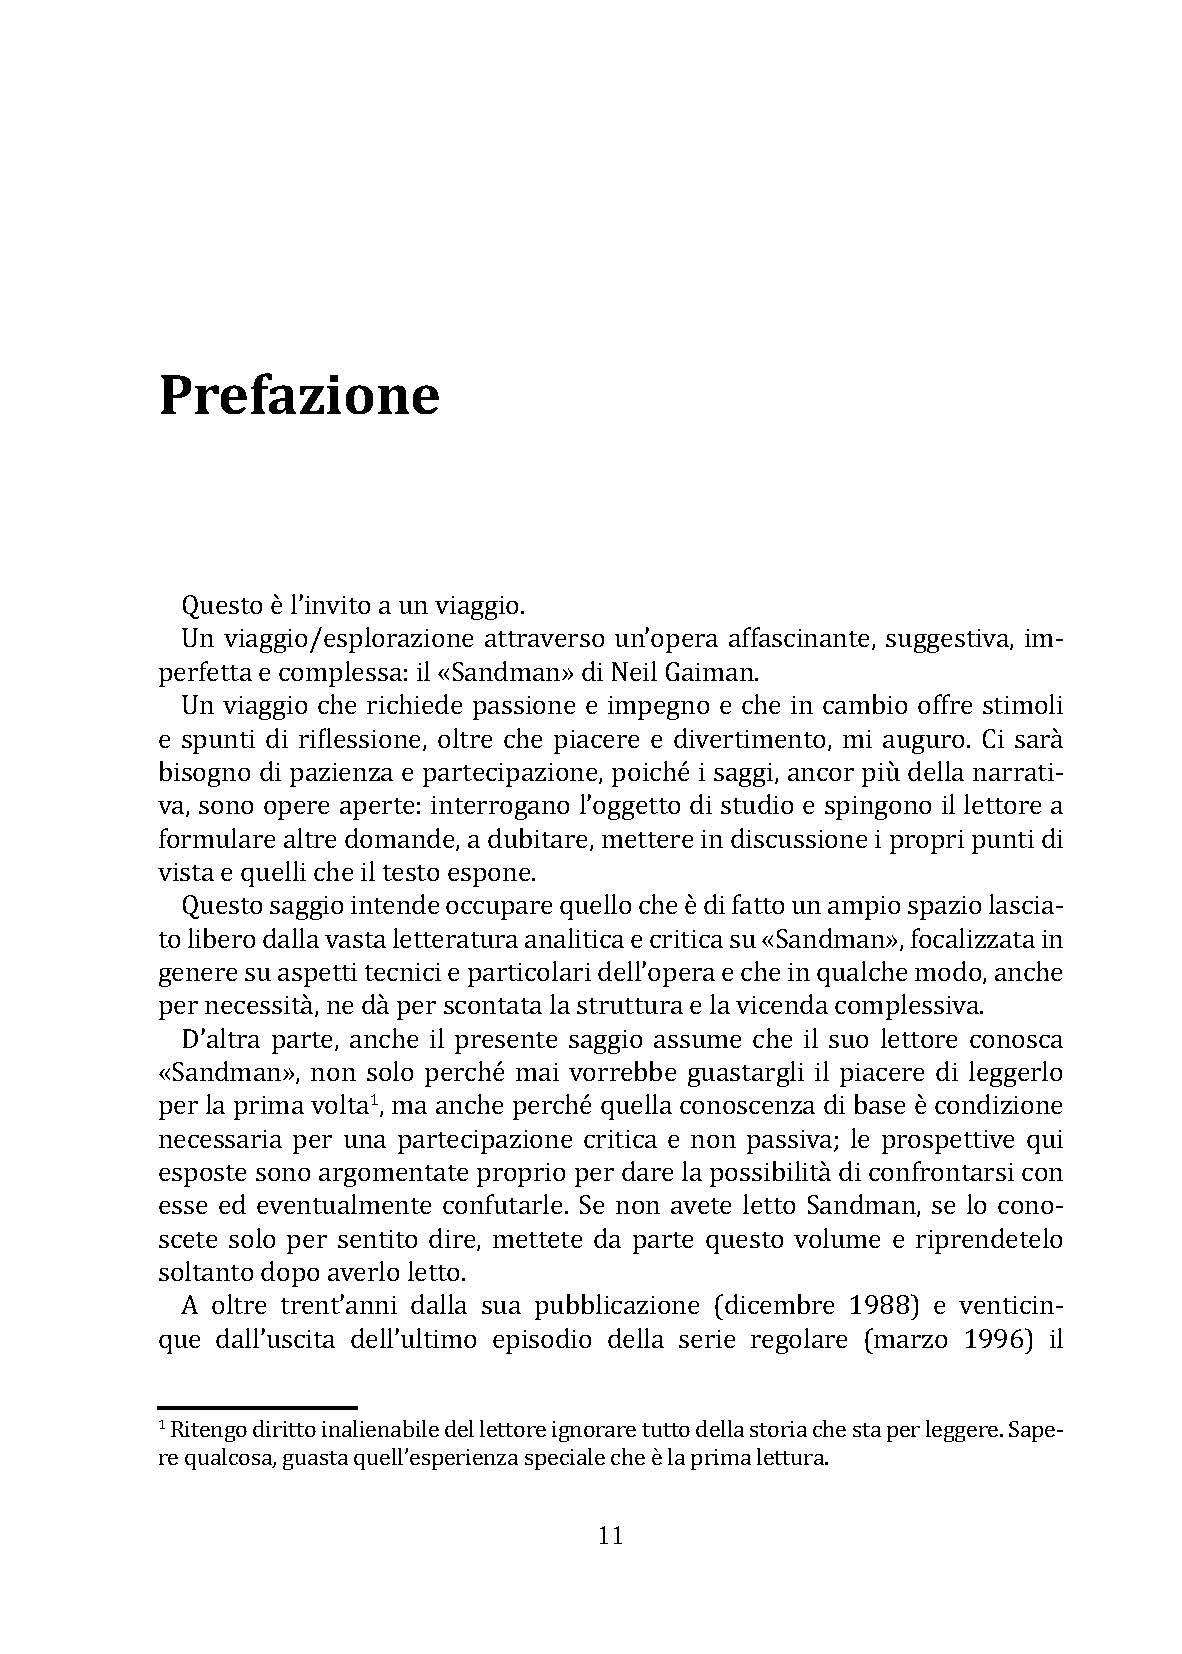 Pagine da PDF Guida non ufficiale a Sandman filigranato_Pagina_07